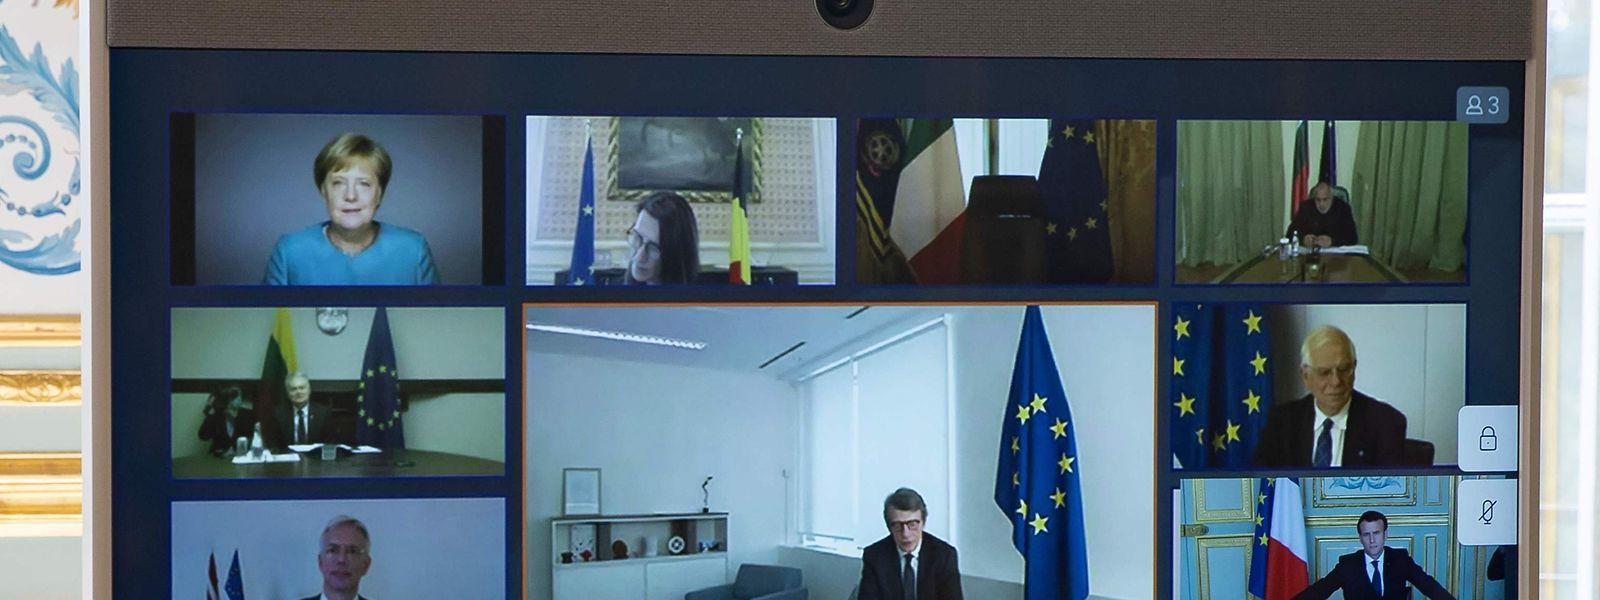 Verhandeln per Videokonferenz? Derzeit gibt es keine Alternative dazu ...